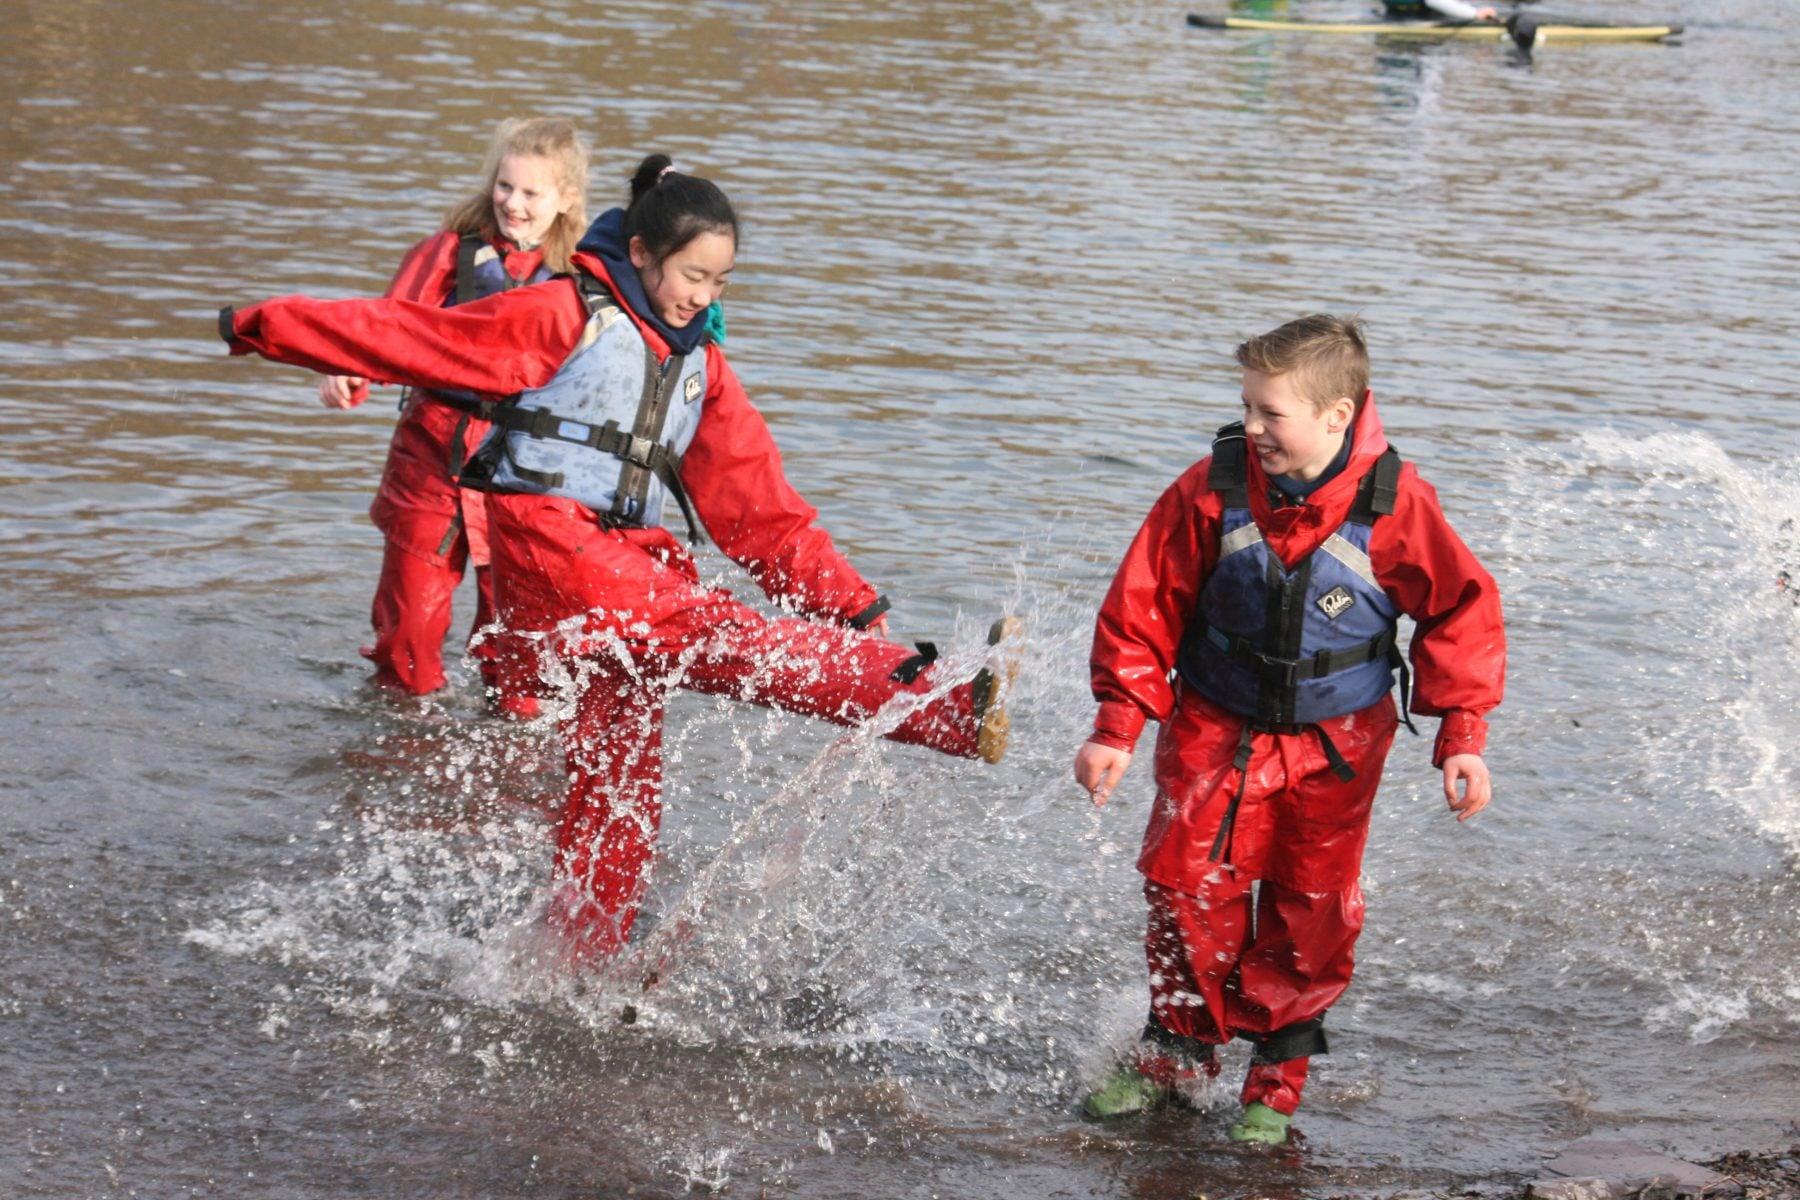 Kicking & splashing, lake Padarn, 3 primary school pupils